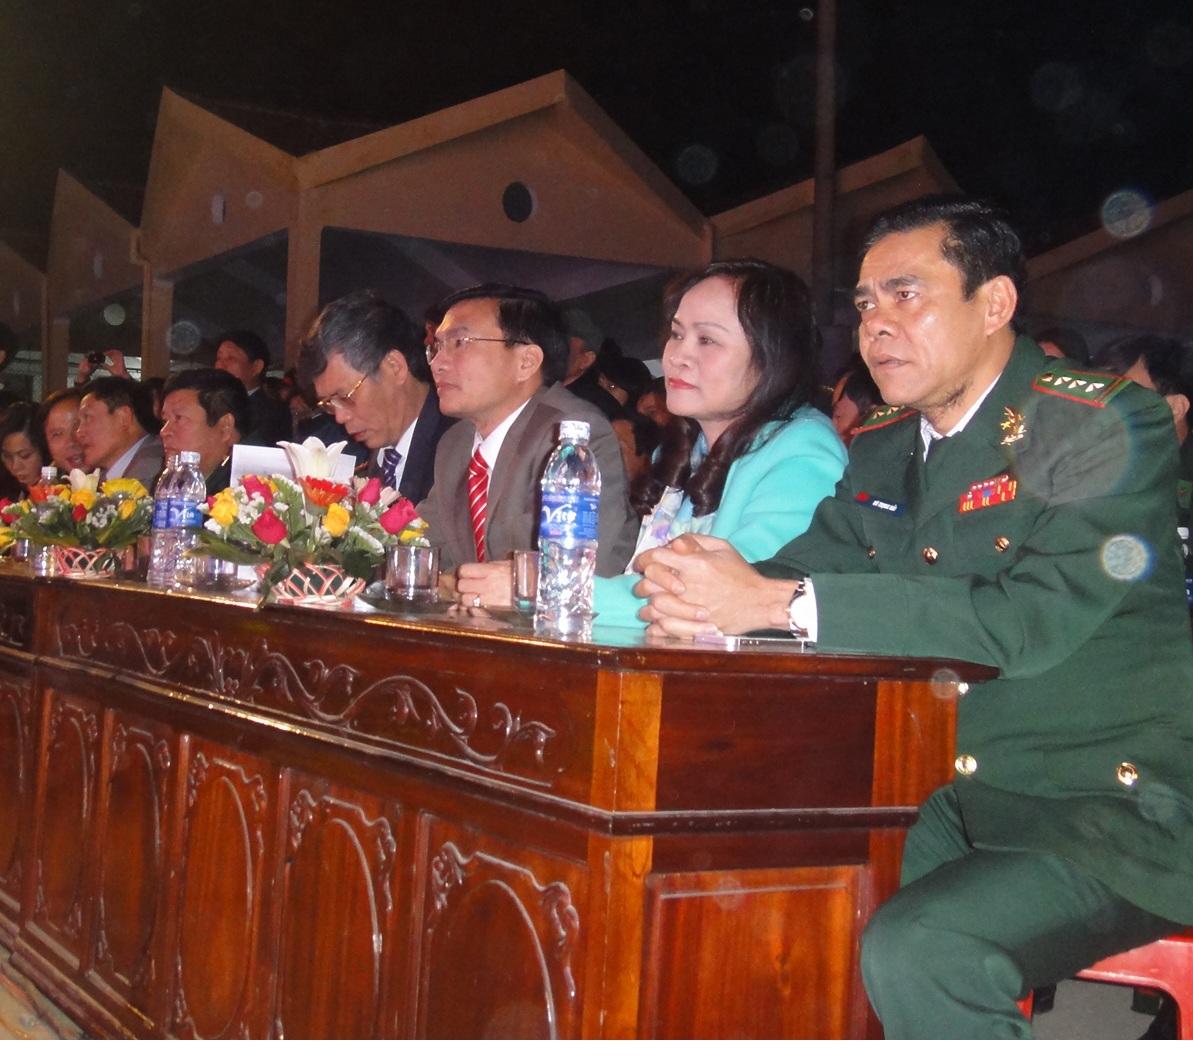 Tham gia đêm giao lưu có các lảnh đạo tỉnh, huyện và lực lượng biên phòng Hà Tĩnh.